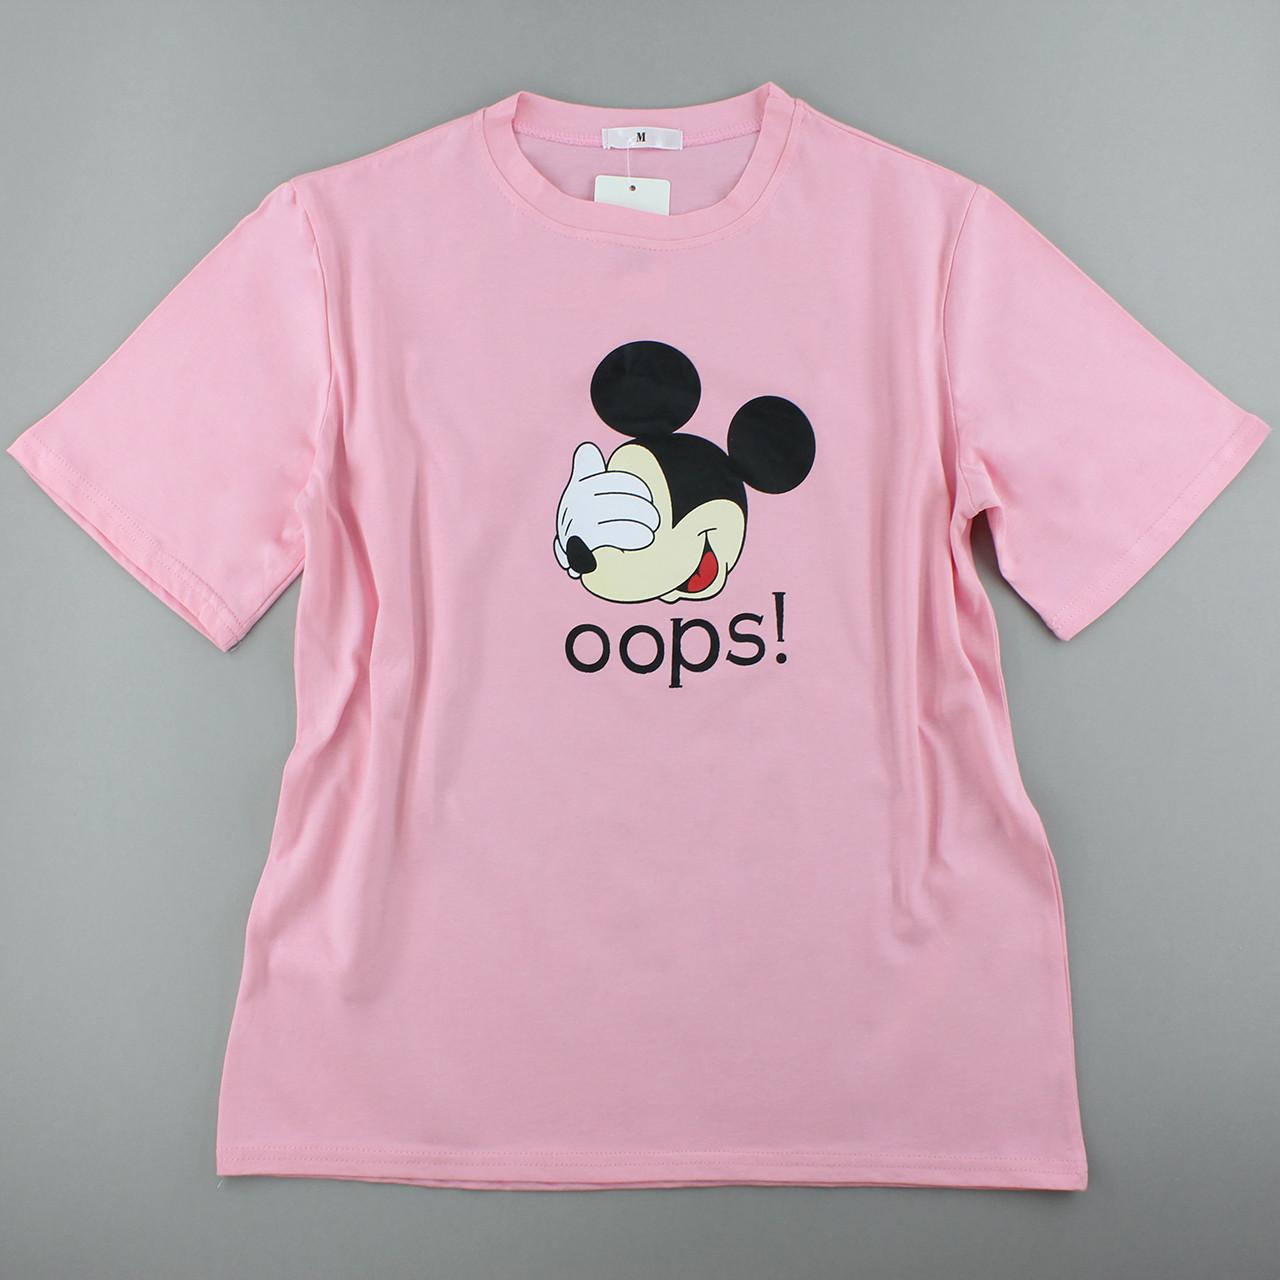 Трикотажні футболки бавовняні рожеві жіночі, оверсайз